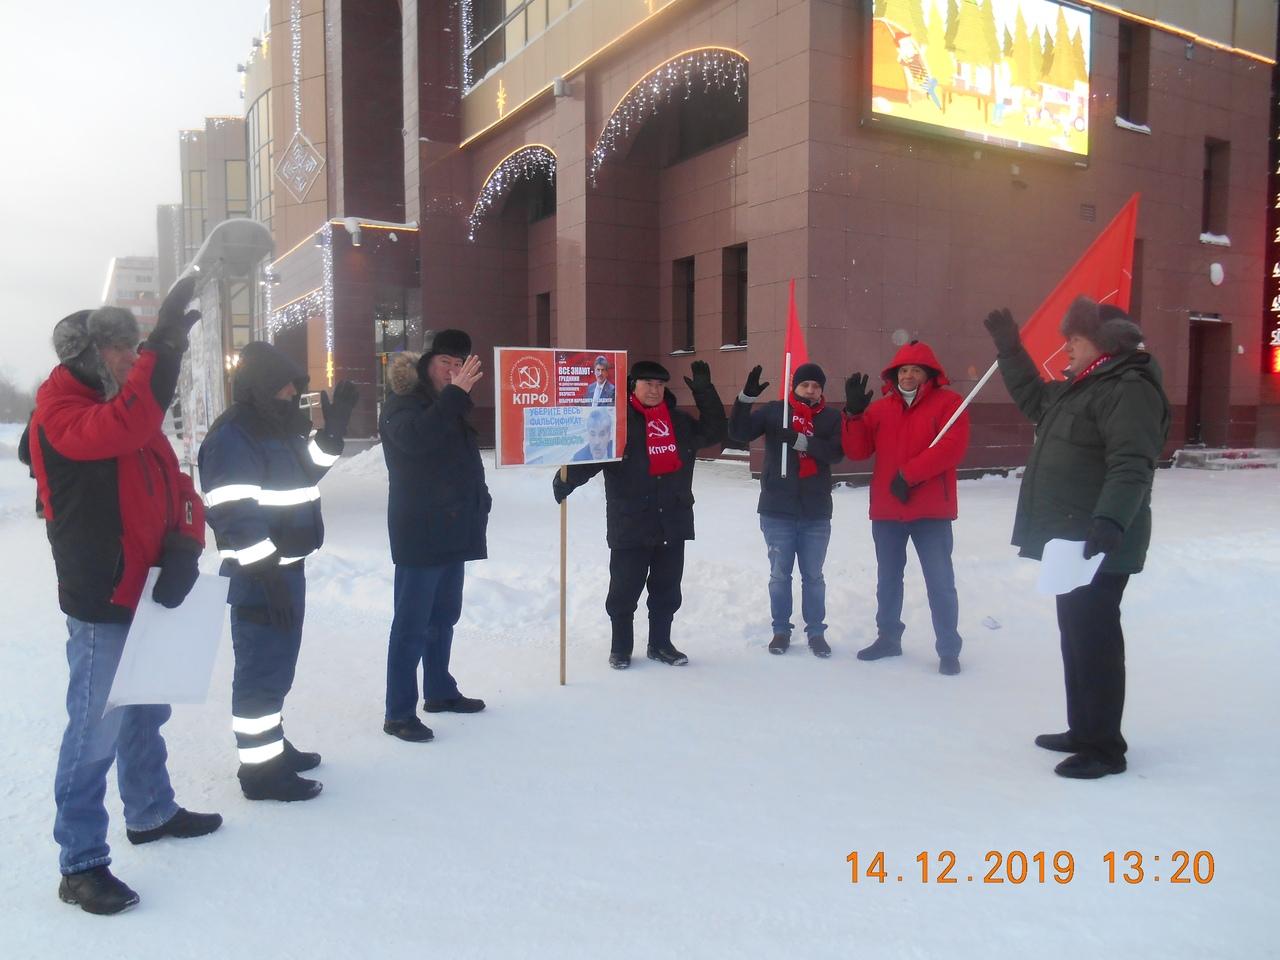 В Новом Уренгое состоялся пикет в поддержку Всероссийской акции протеста